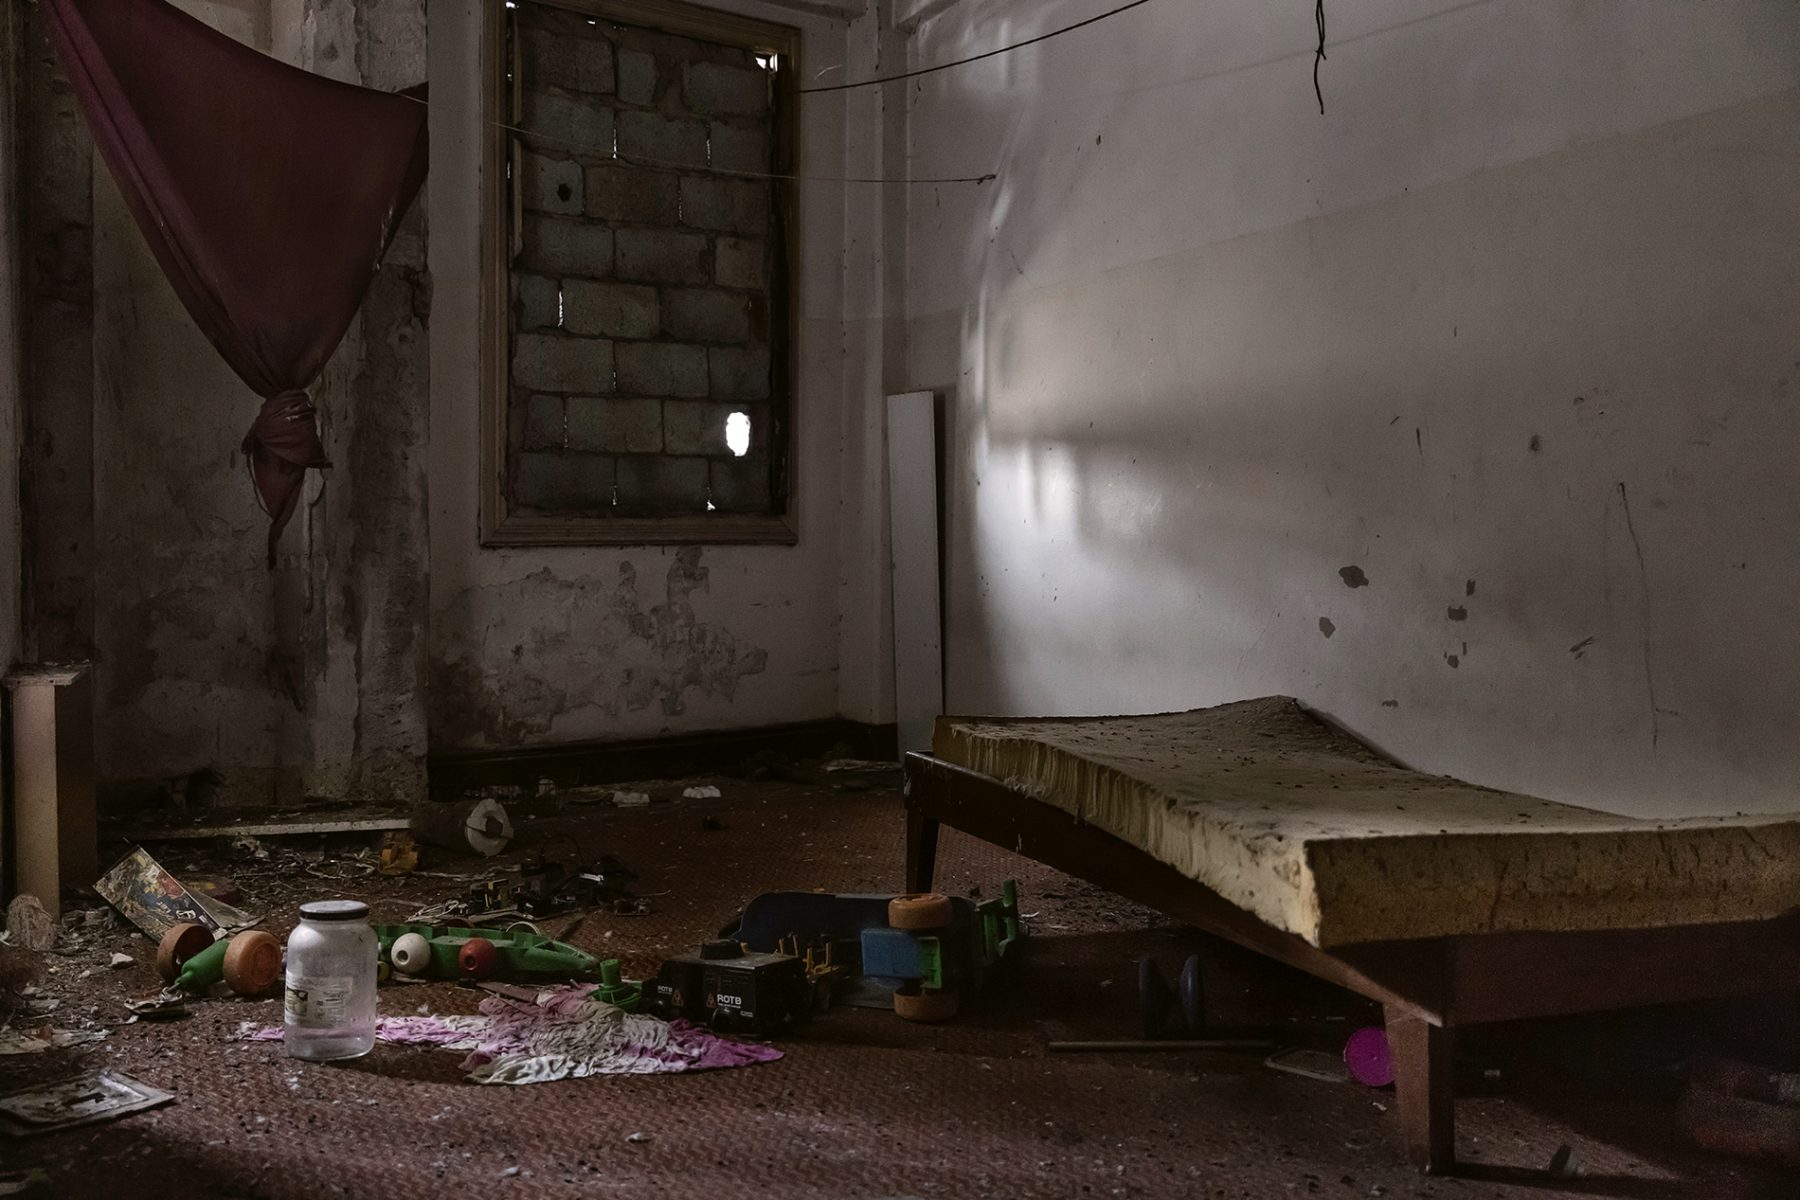 Photo couleur par Gui Christ, pièce abandonnée, attirail de drogue, matelas sale, poubelle